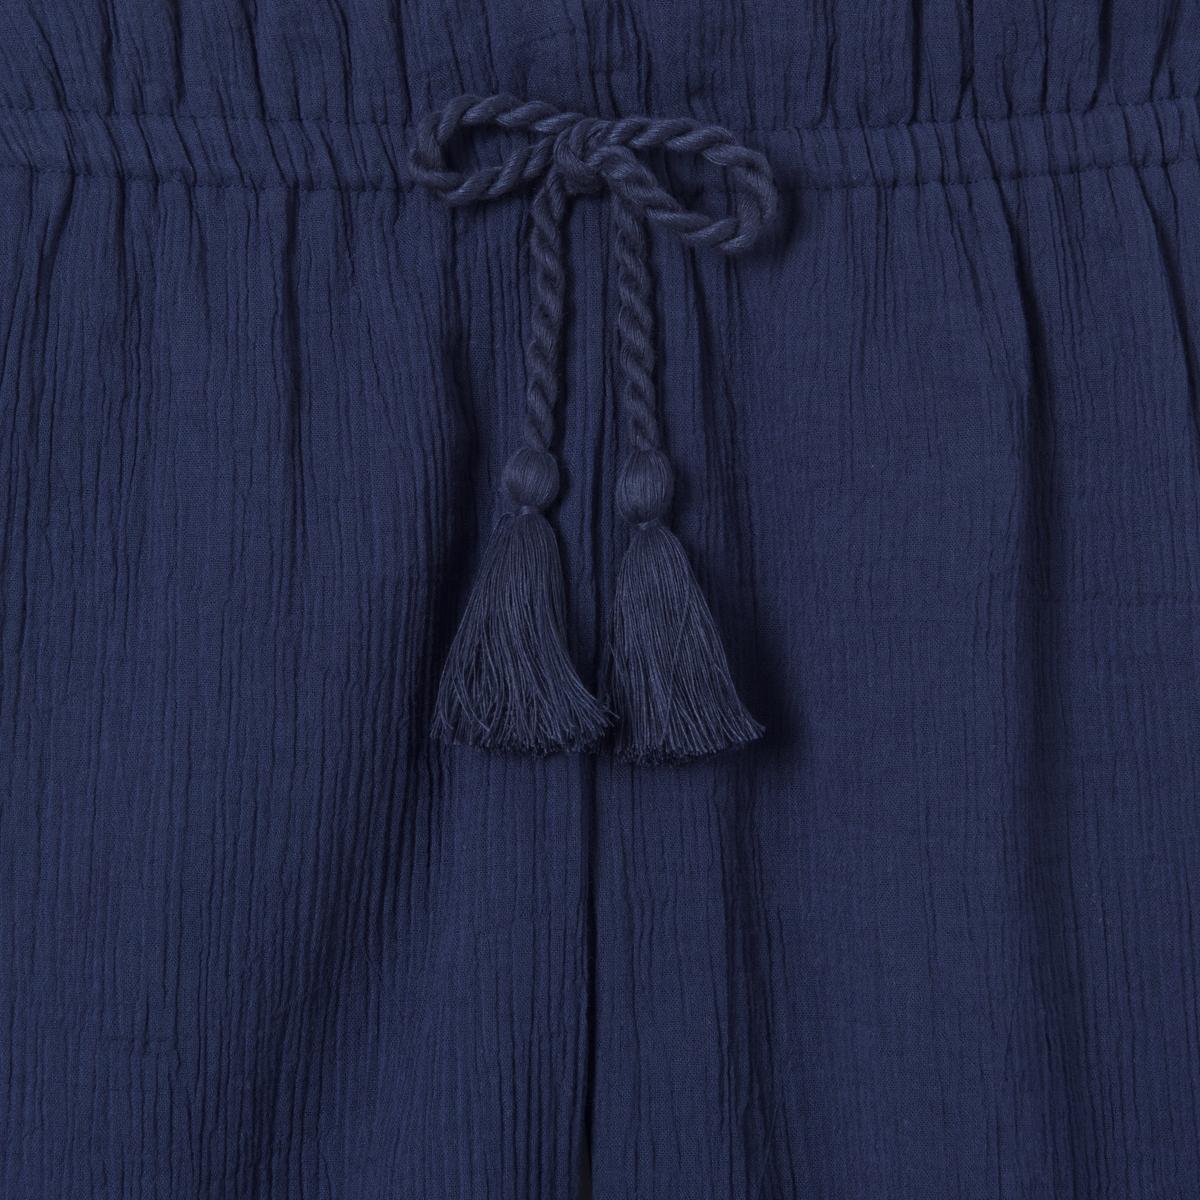 Юбка-брюки короткая, 3-12 летКороткая юбка-брюки из хлопкового крепа. Эластичный пояс с завязкам. Состав и описание : Материал          креп, 100% хлопокМарка          abcdRУход :Машинная стирка при 30 °C с вещами схожих цветовСтирать и гладить с изнаночной стороныСухая чистка и машинная сушка запрещеныГладить при низкой температуре<br><br>Цвет: синий морской<br>Размер: 4 года - 102 см